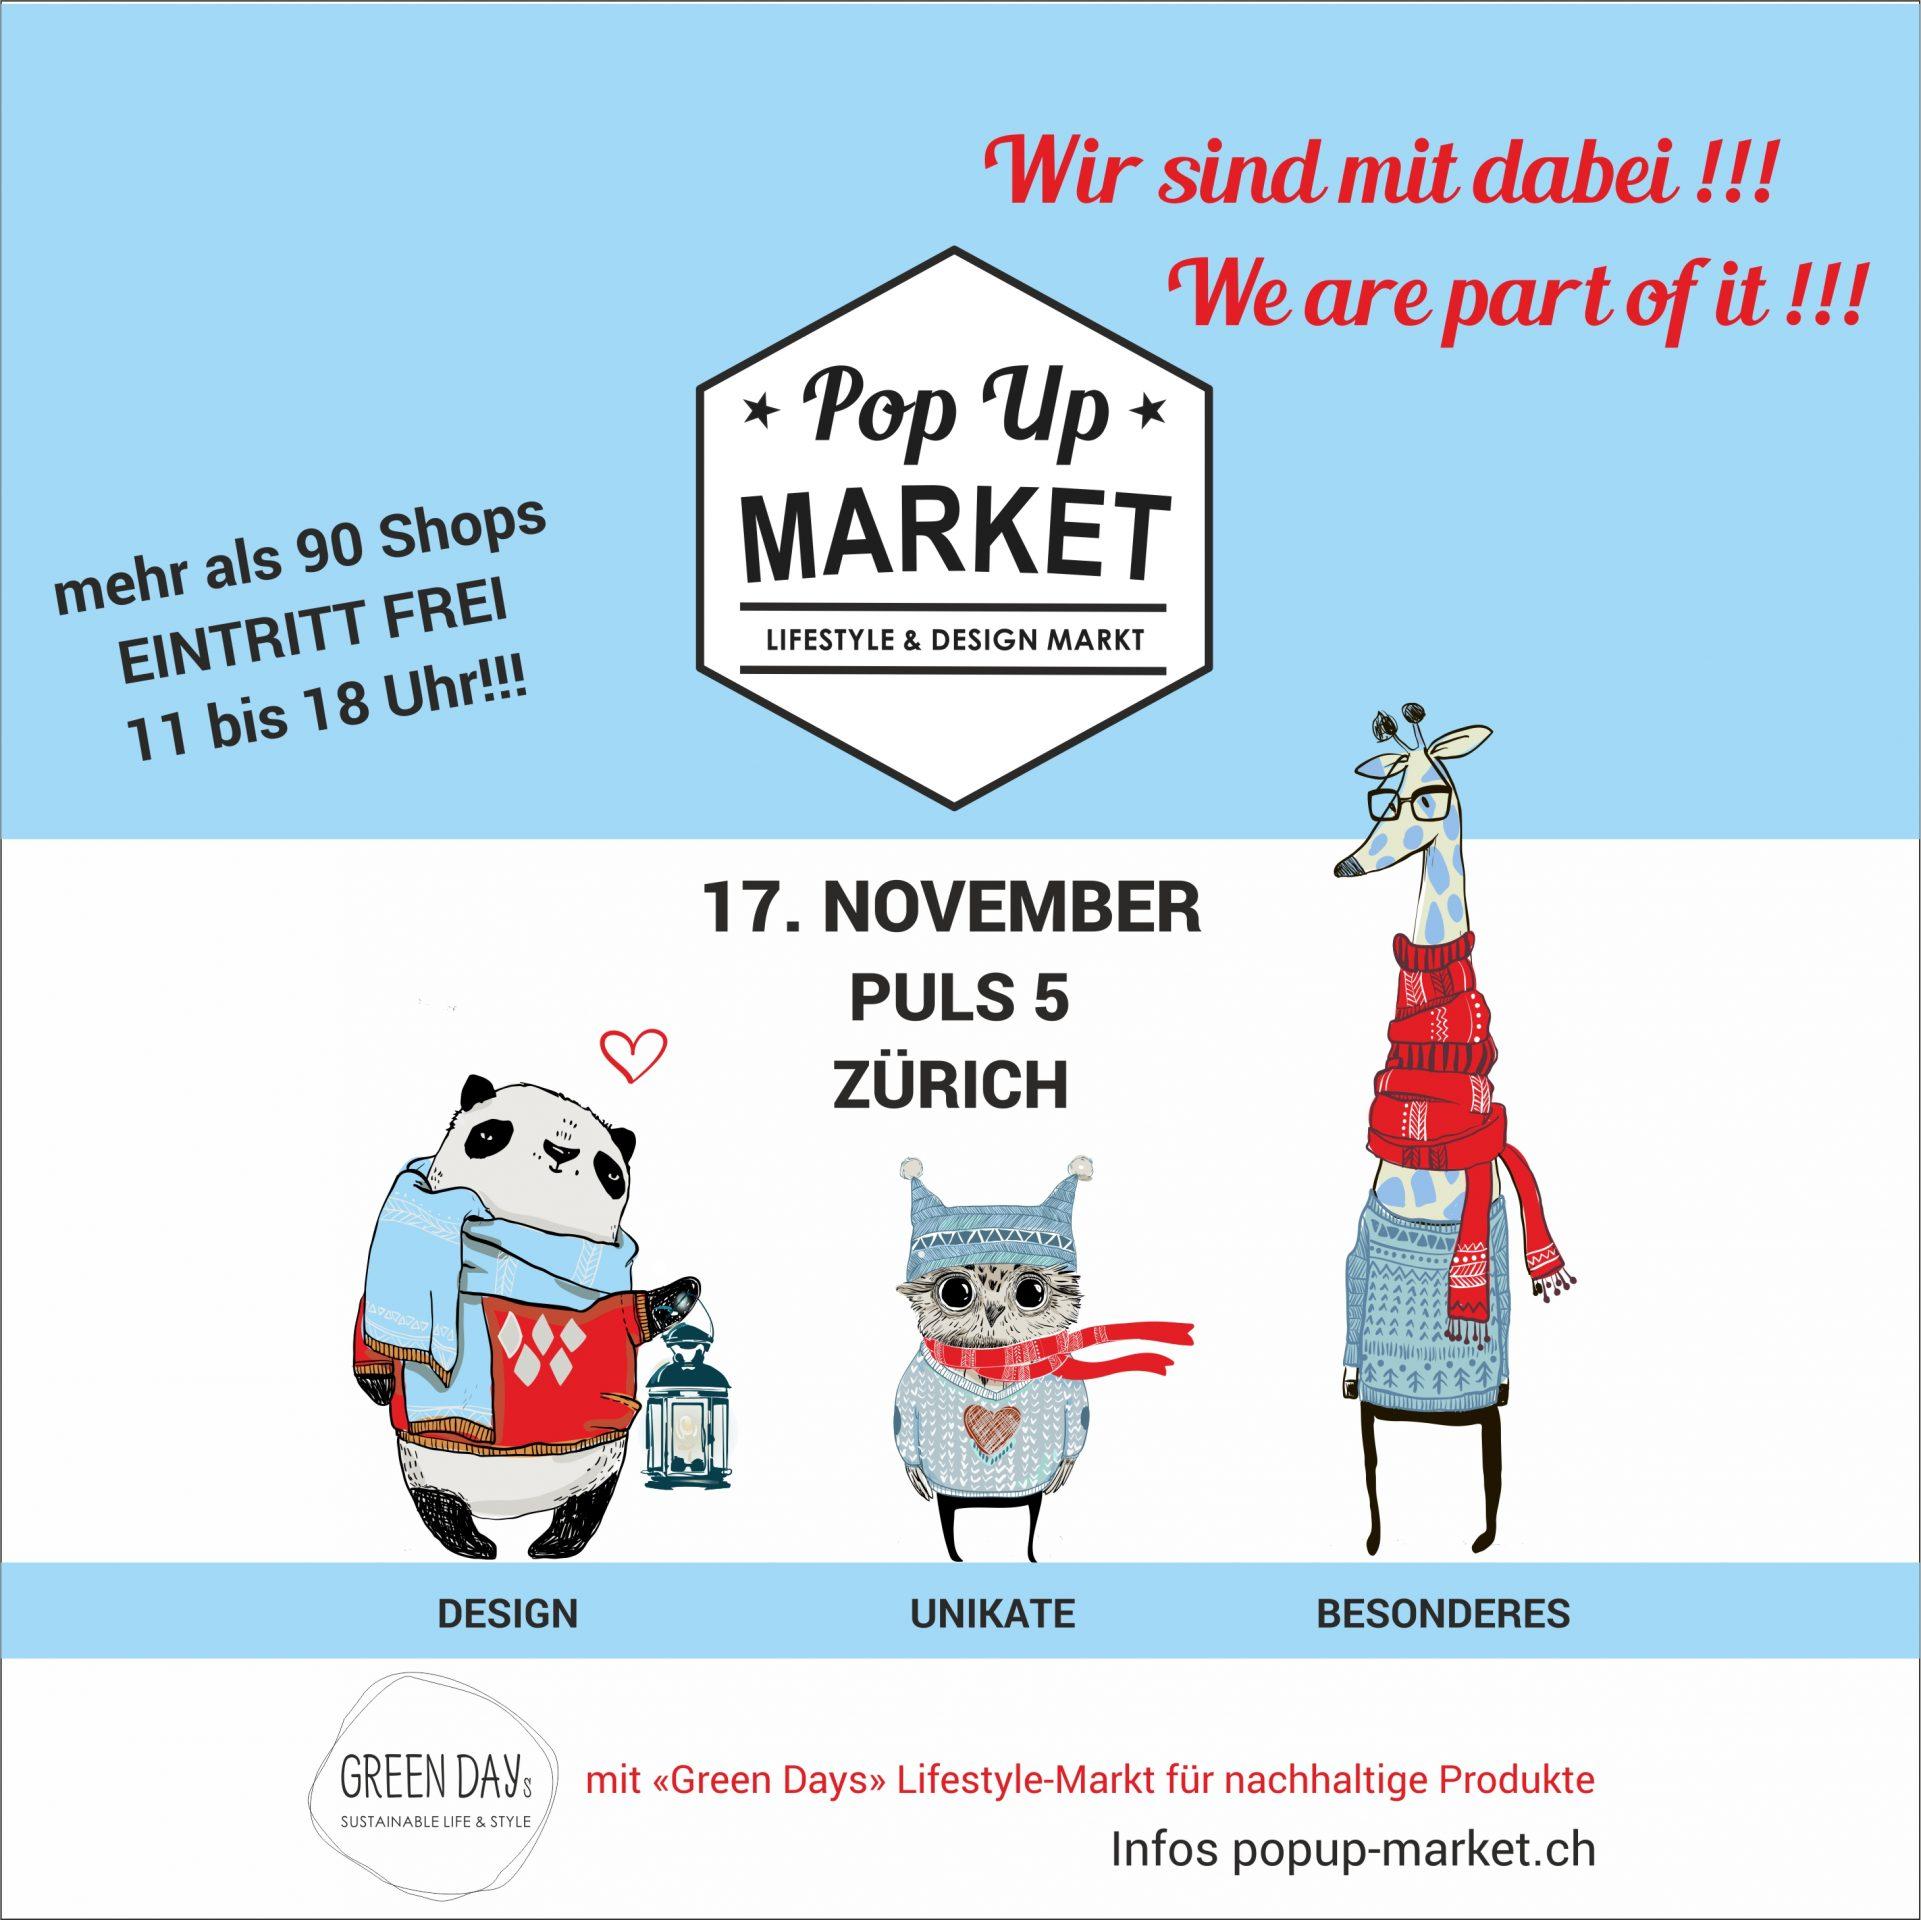 Pop Up Market Puls 5 Zürich LittleCITY